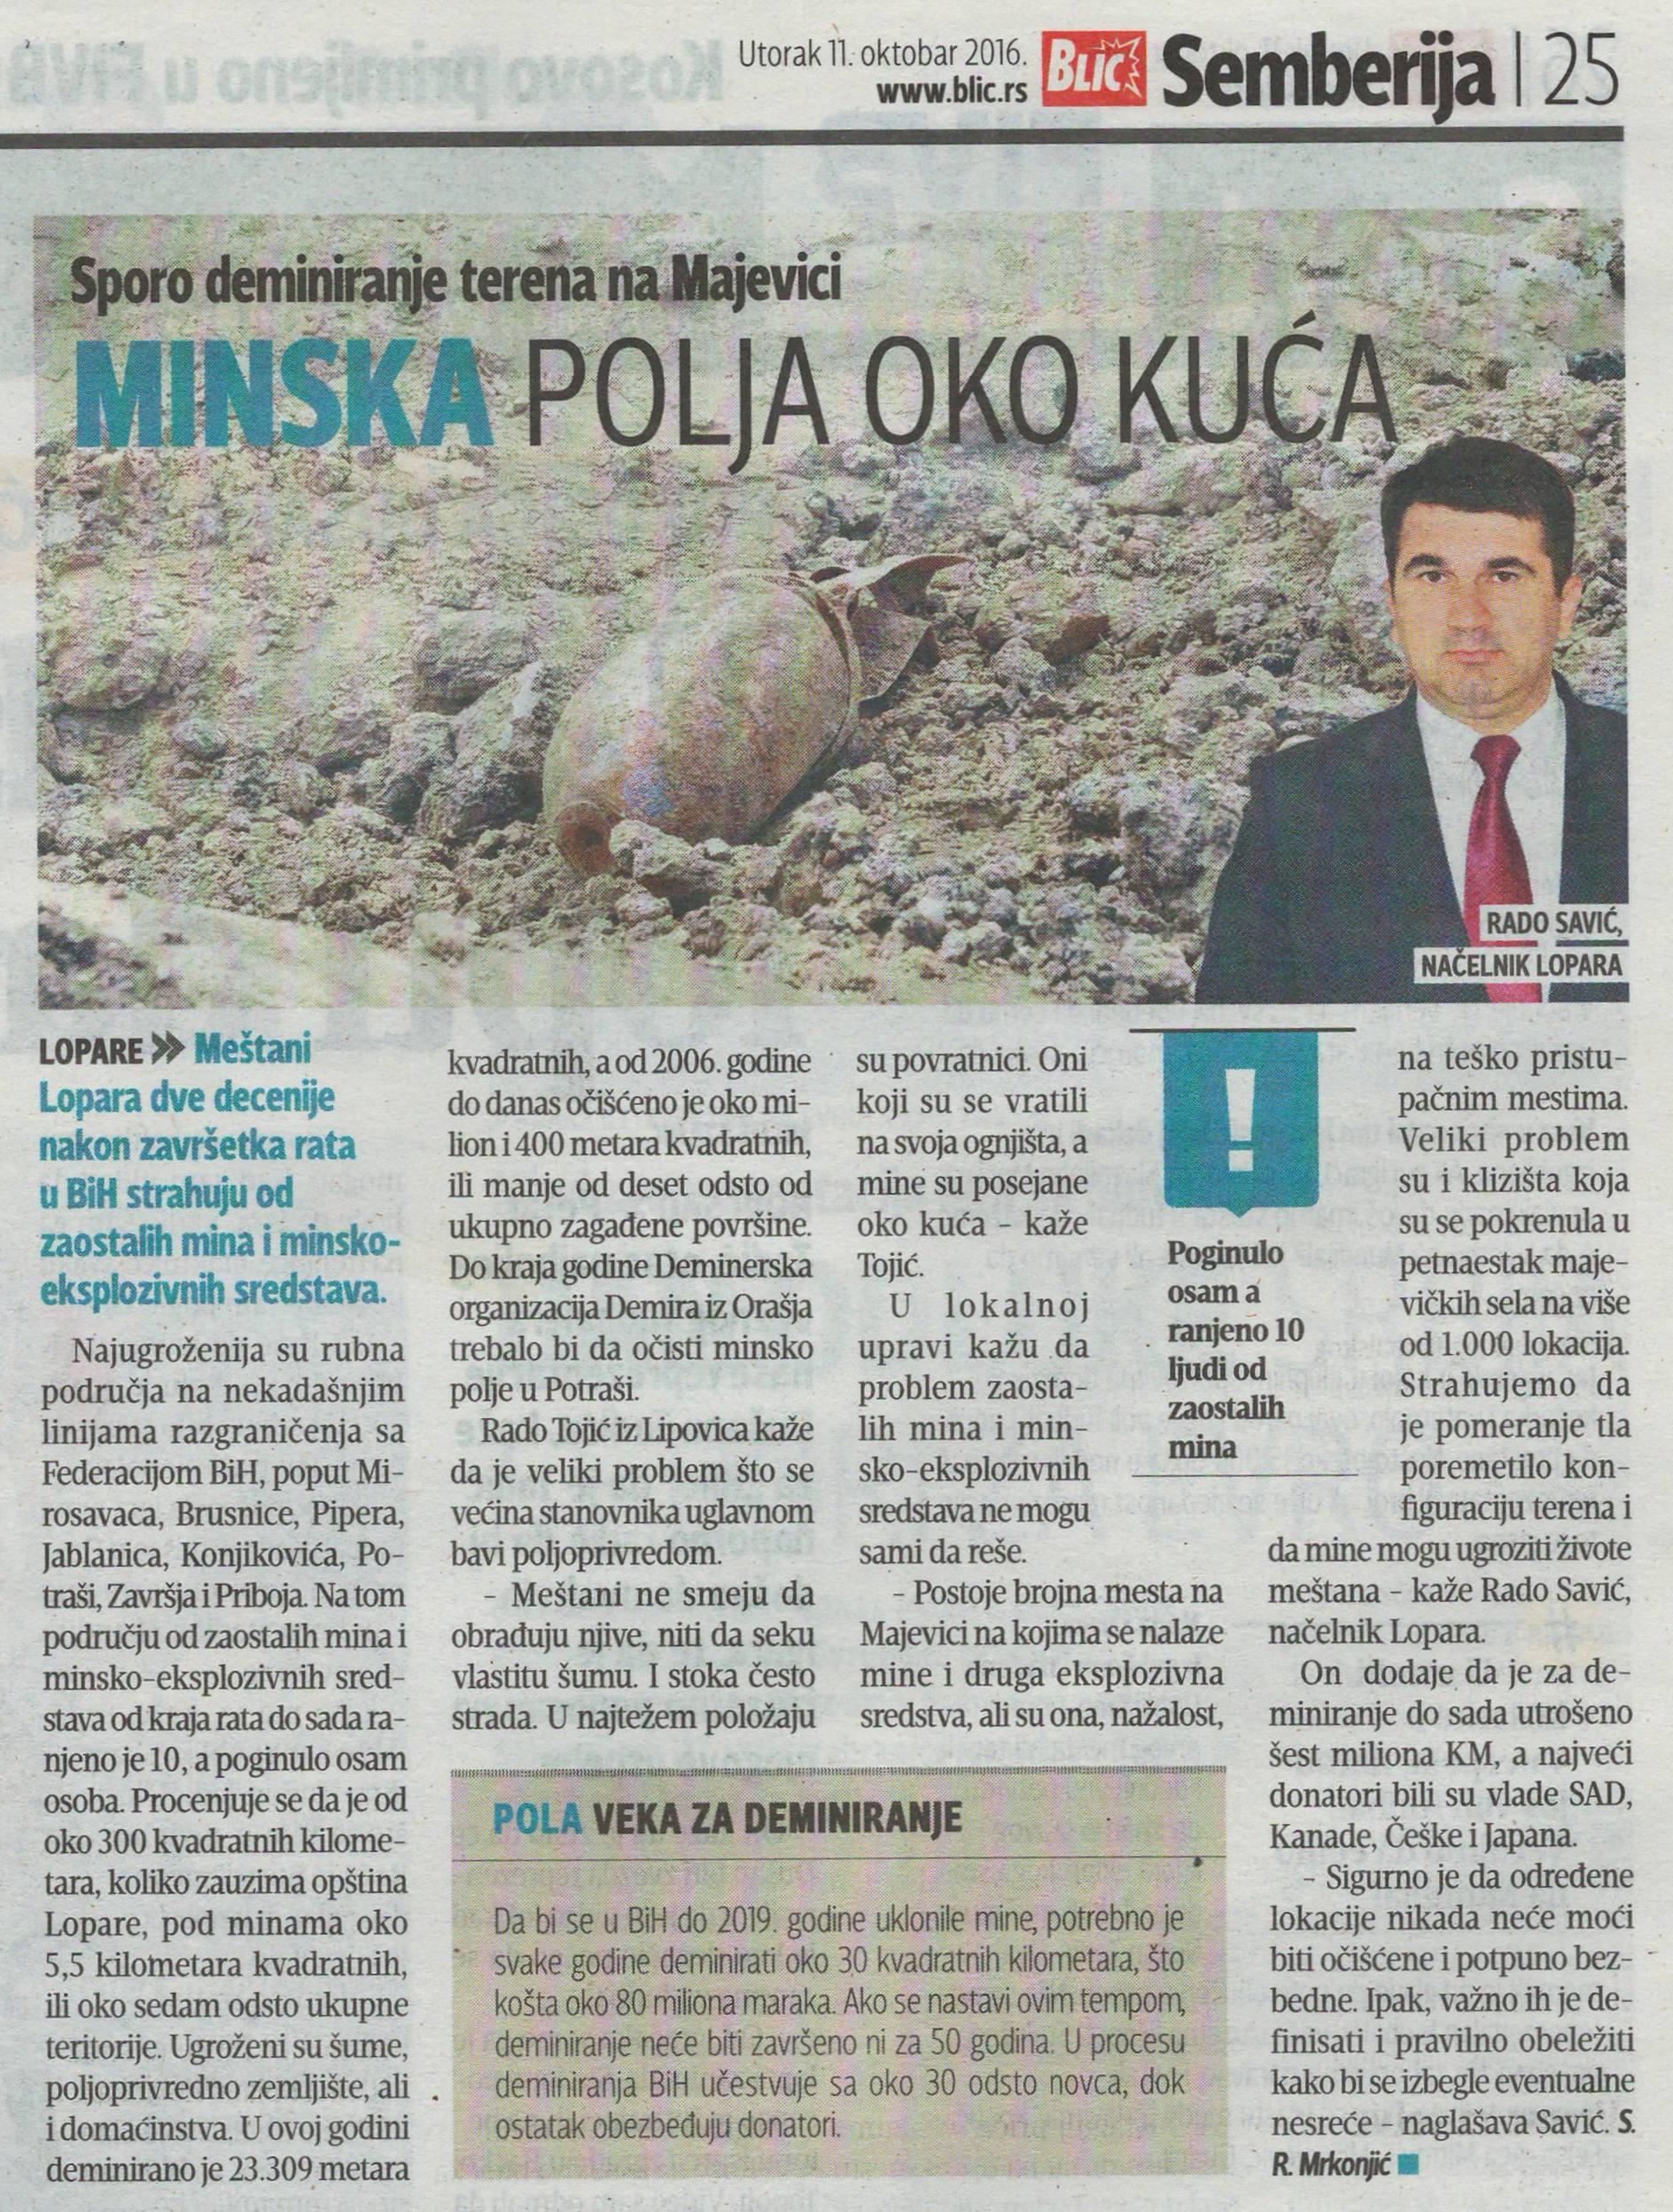 Из штампе - Page 3 Imgsrc.ru_50448003LeH